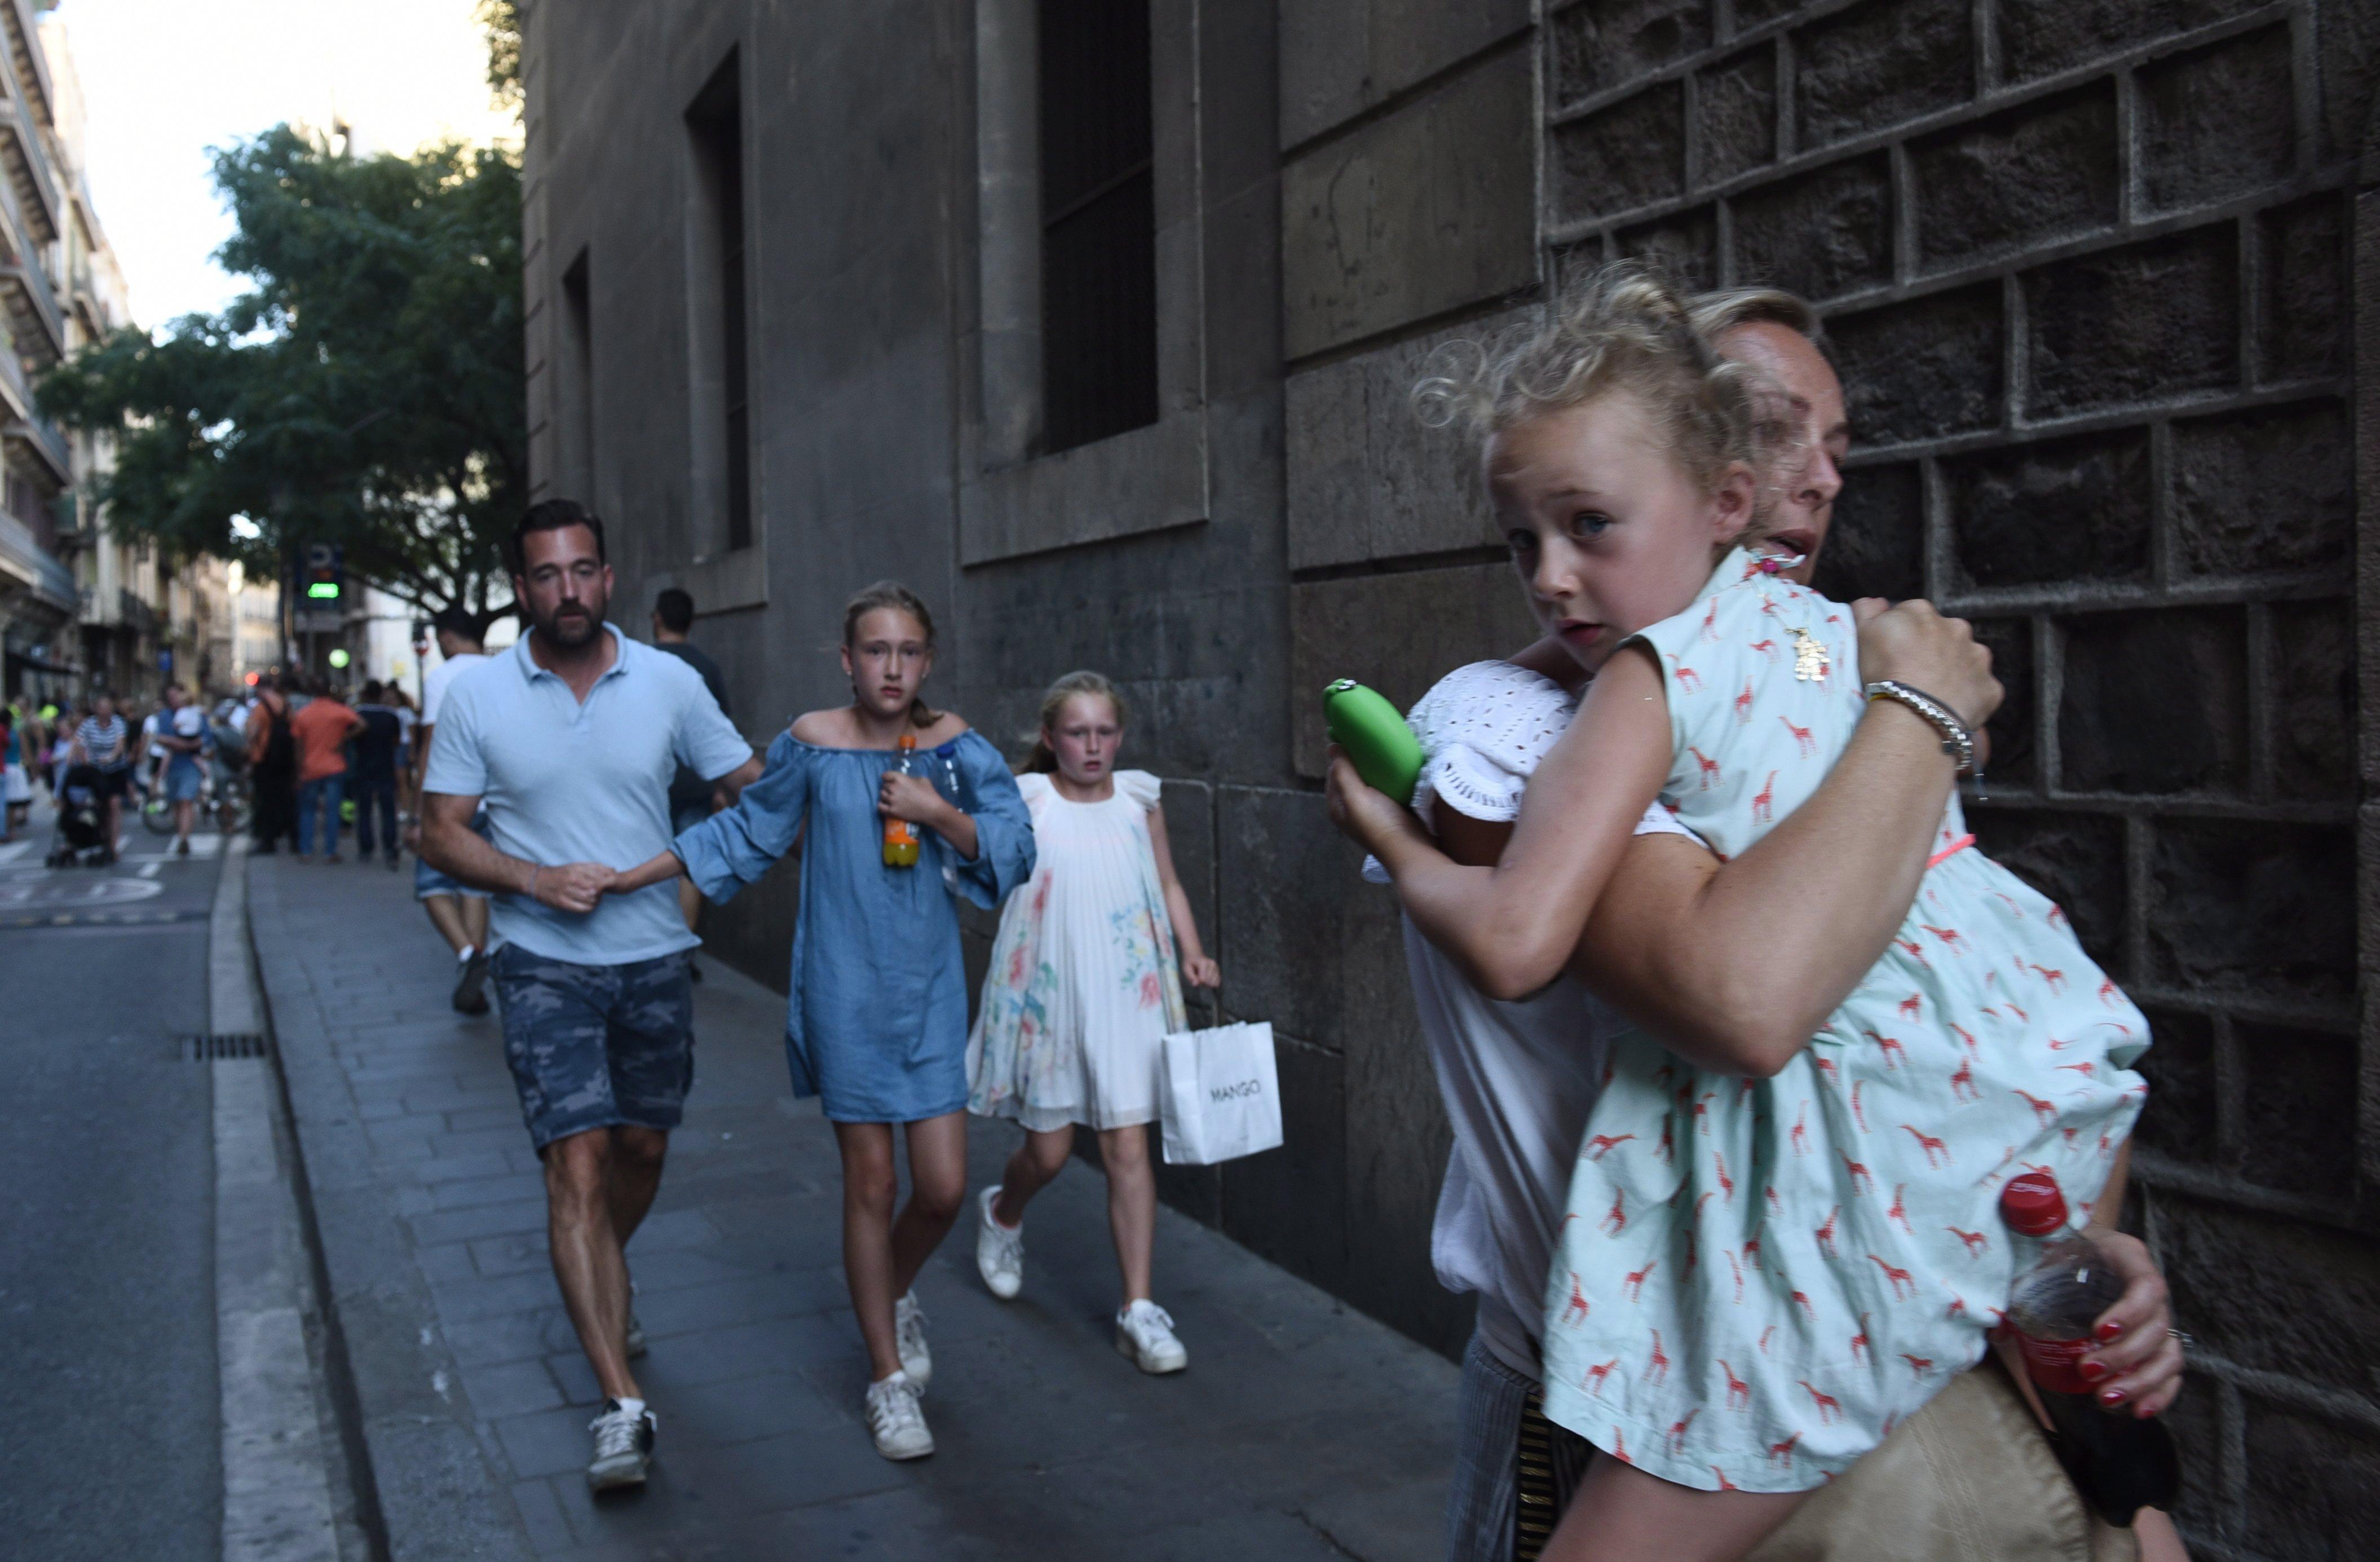 Friss hírek: Egyikük a családjával sétált éppen, a kisfia kezét fogta. Már 14 halott van.